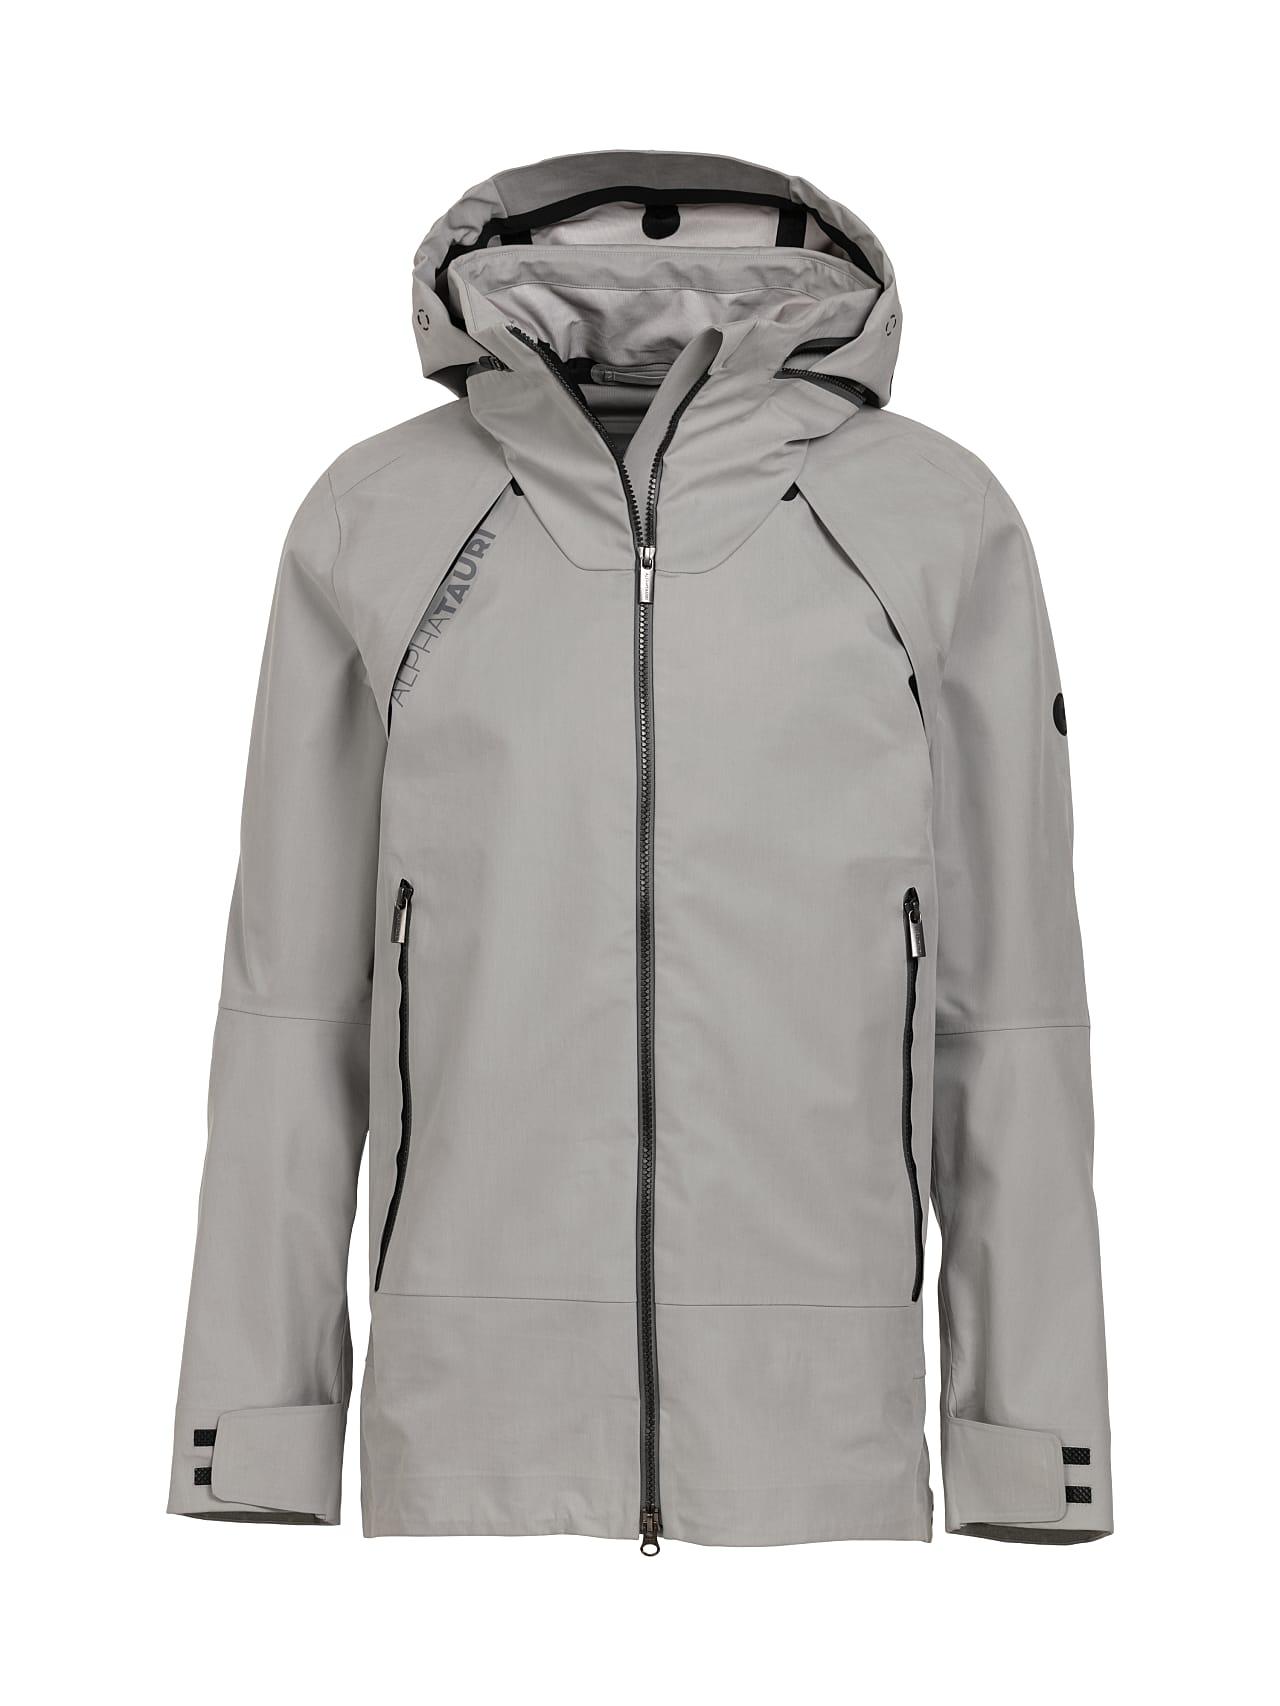 OSOOV V2.Y4.01 Technical 3-Layer Jacket with Taurex® light grey Back Alpha Tauri